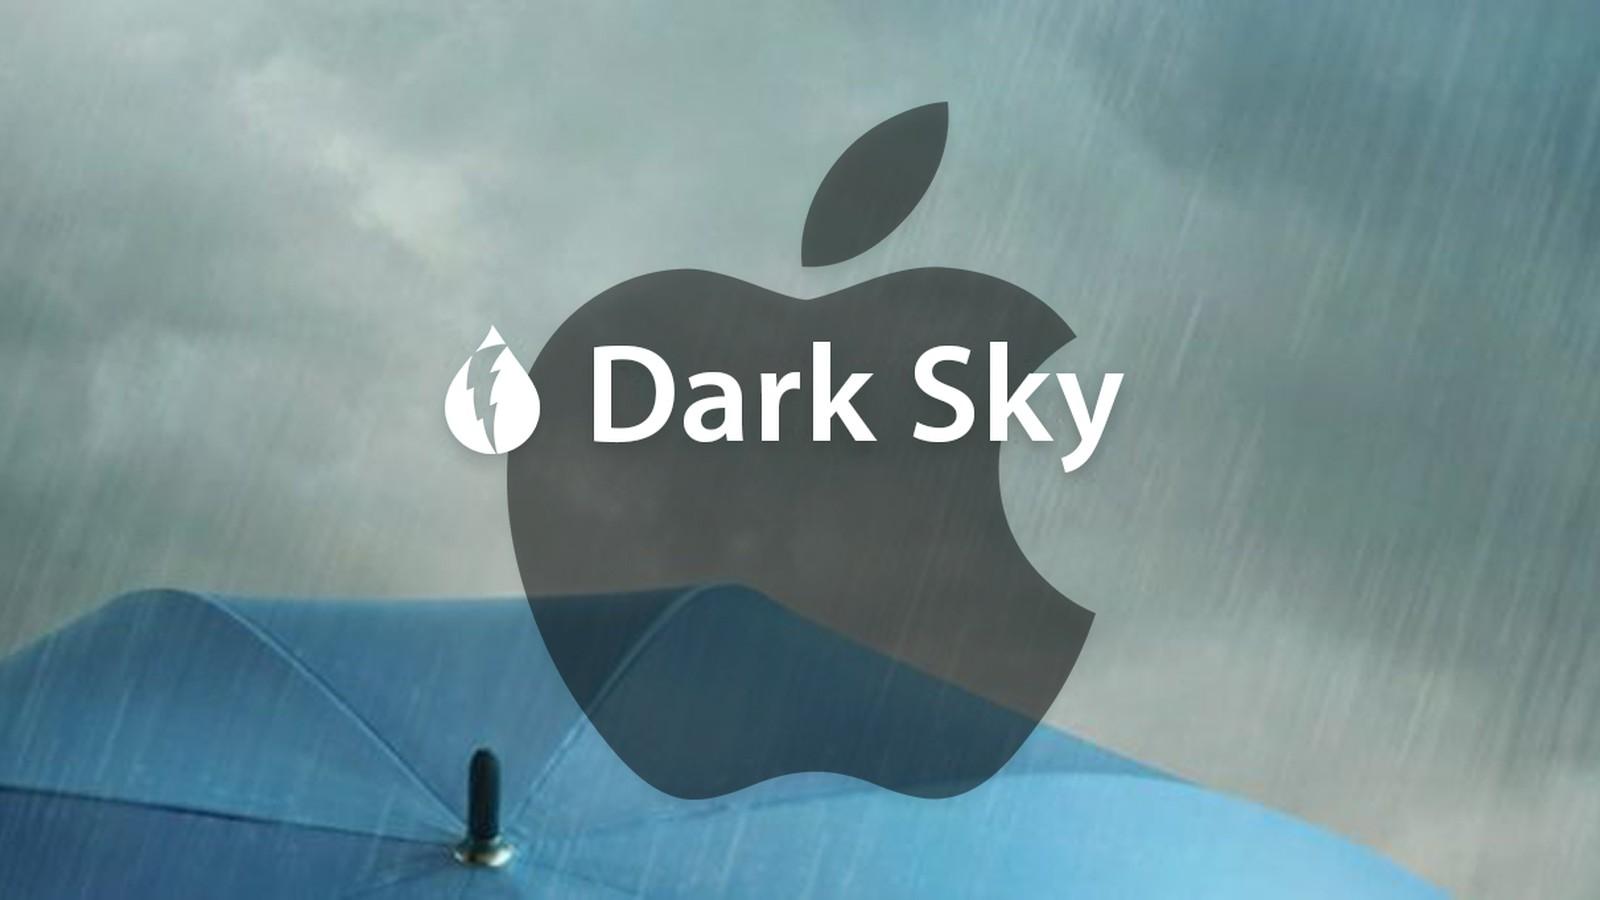 Dark Sky aplikace nakonec ukončí provoz až za rok